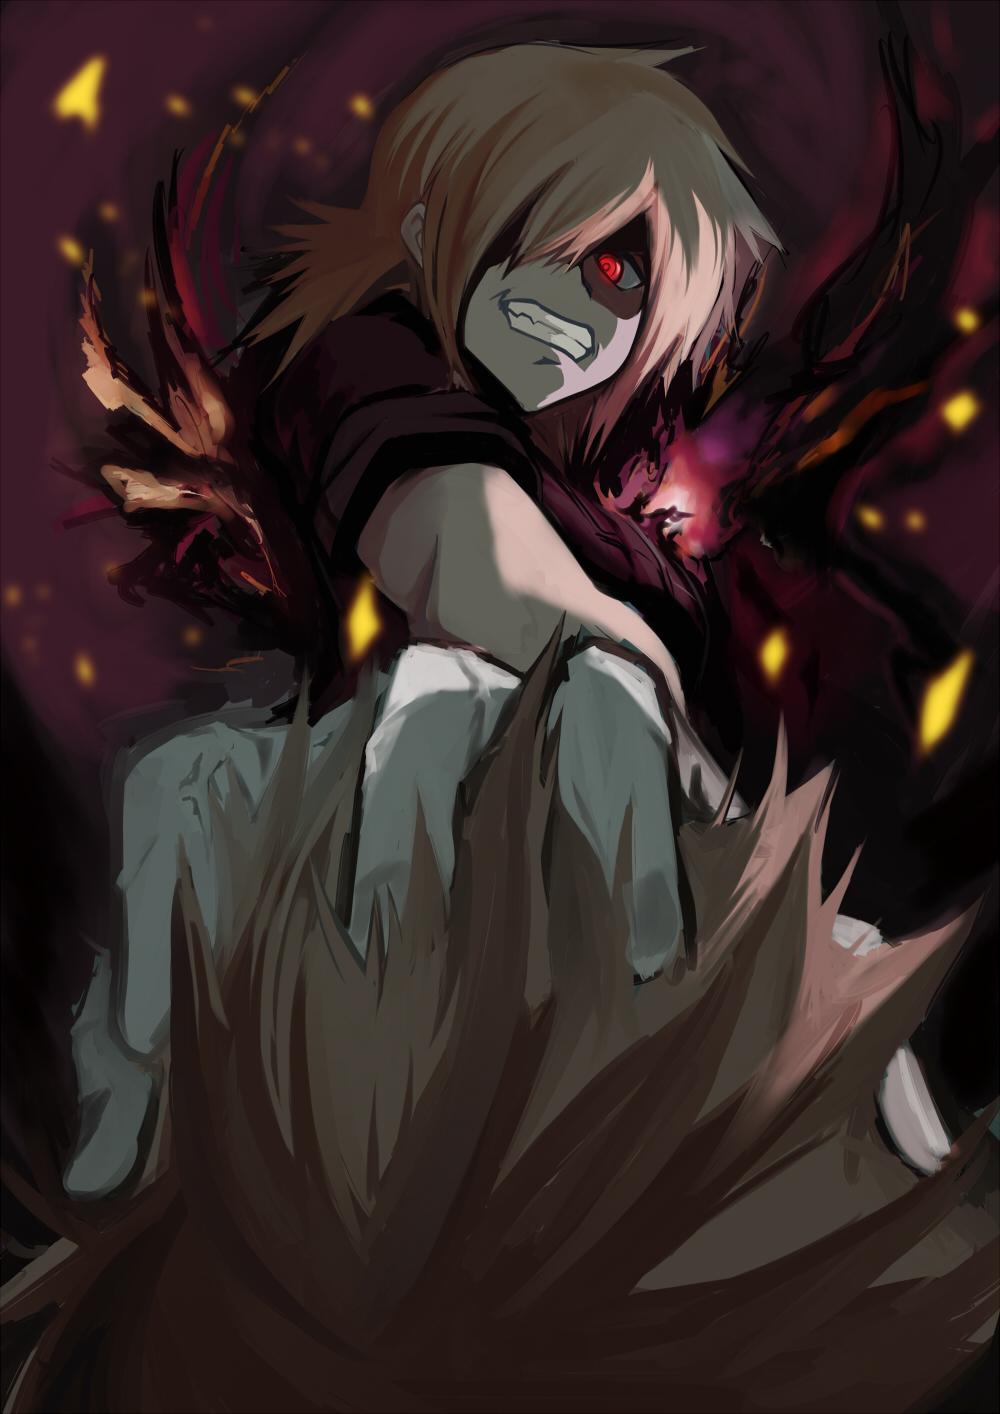 Seras victoria fanart zerochan anime image board - Fanart anime wallpaper ...